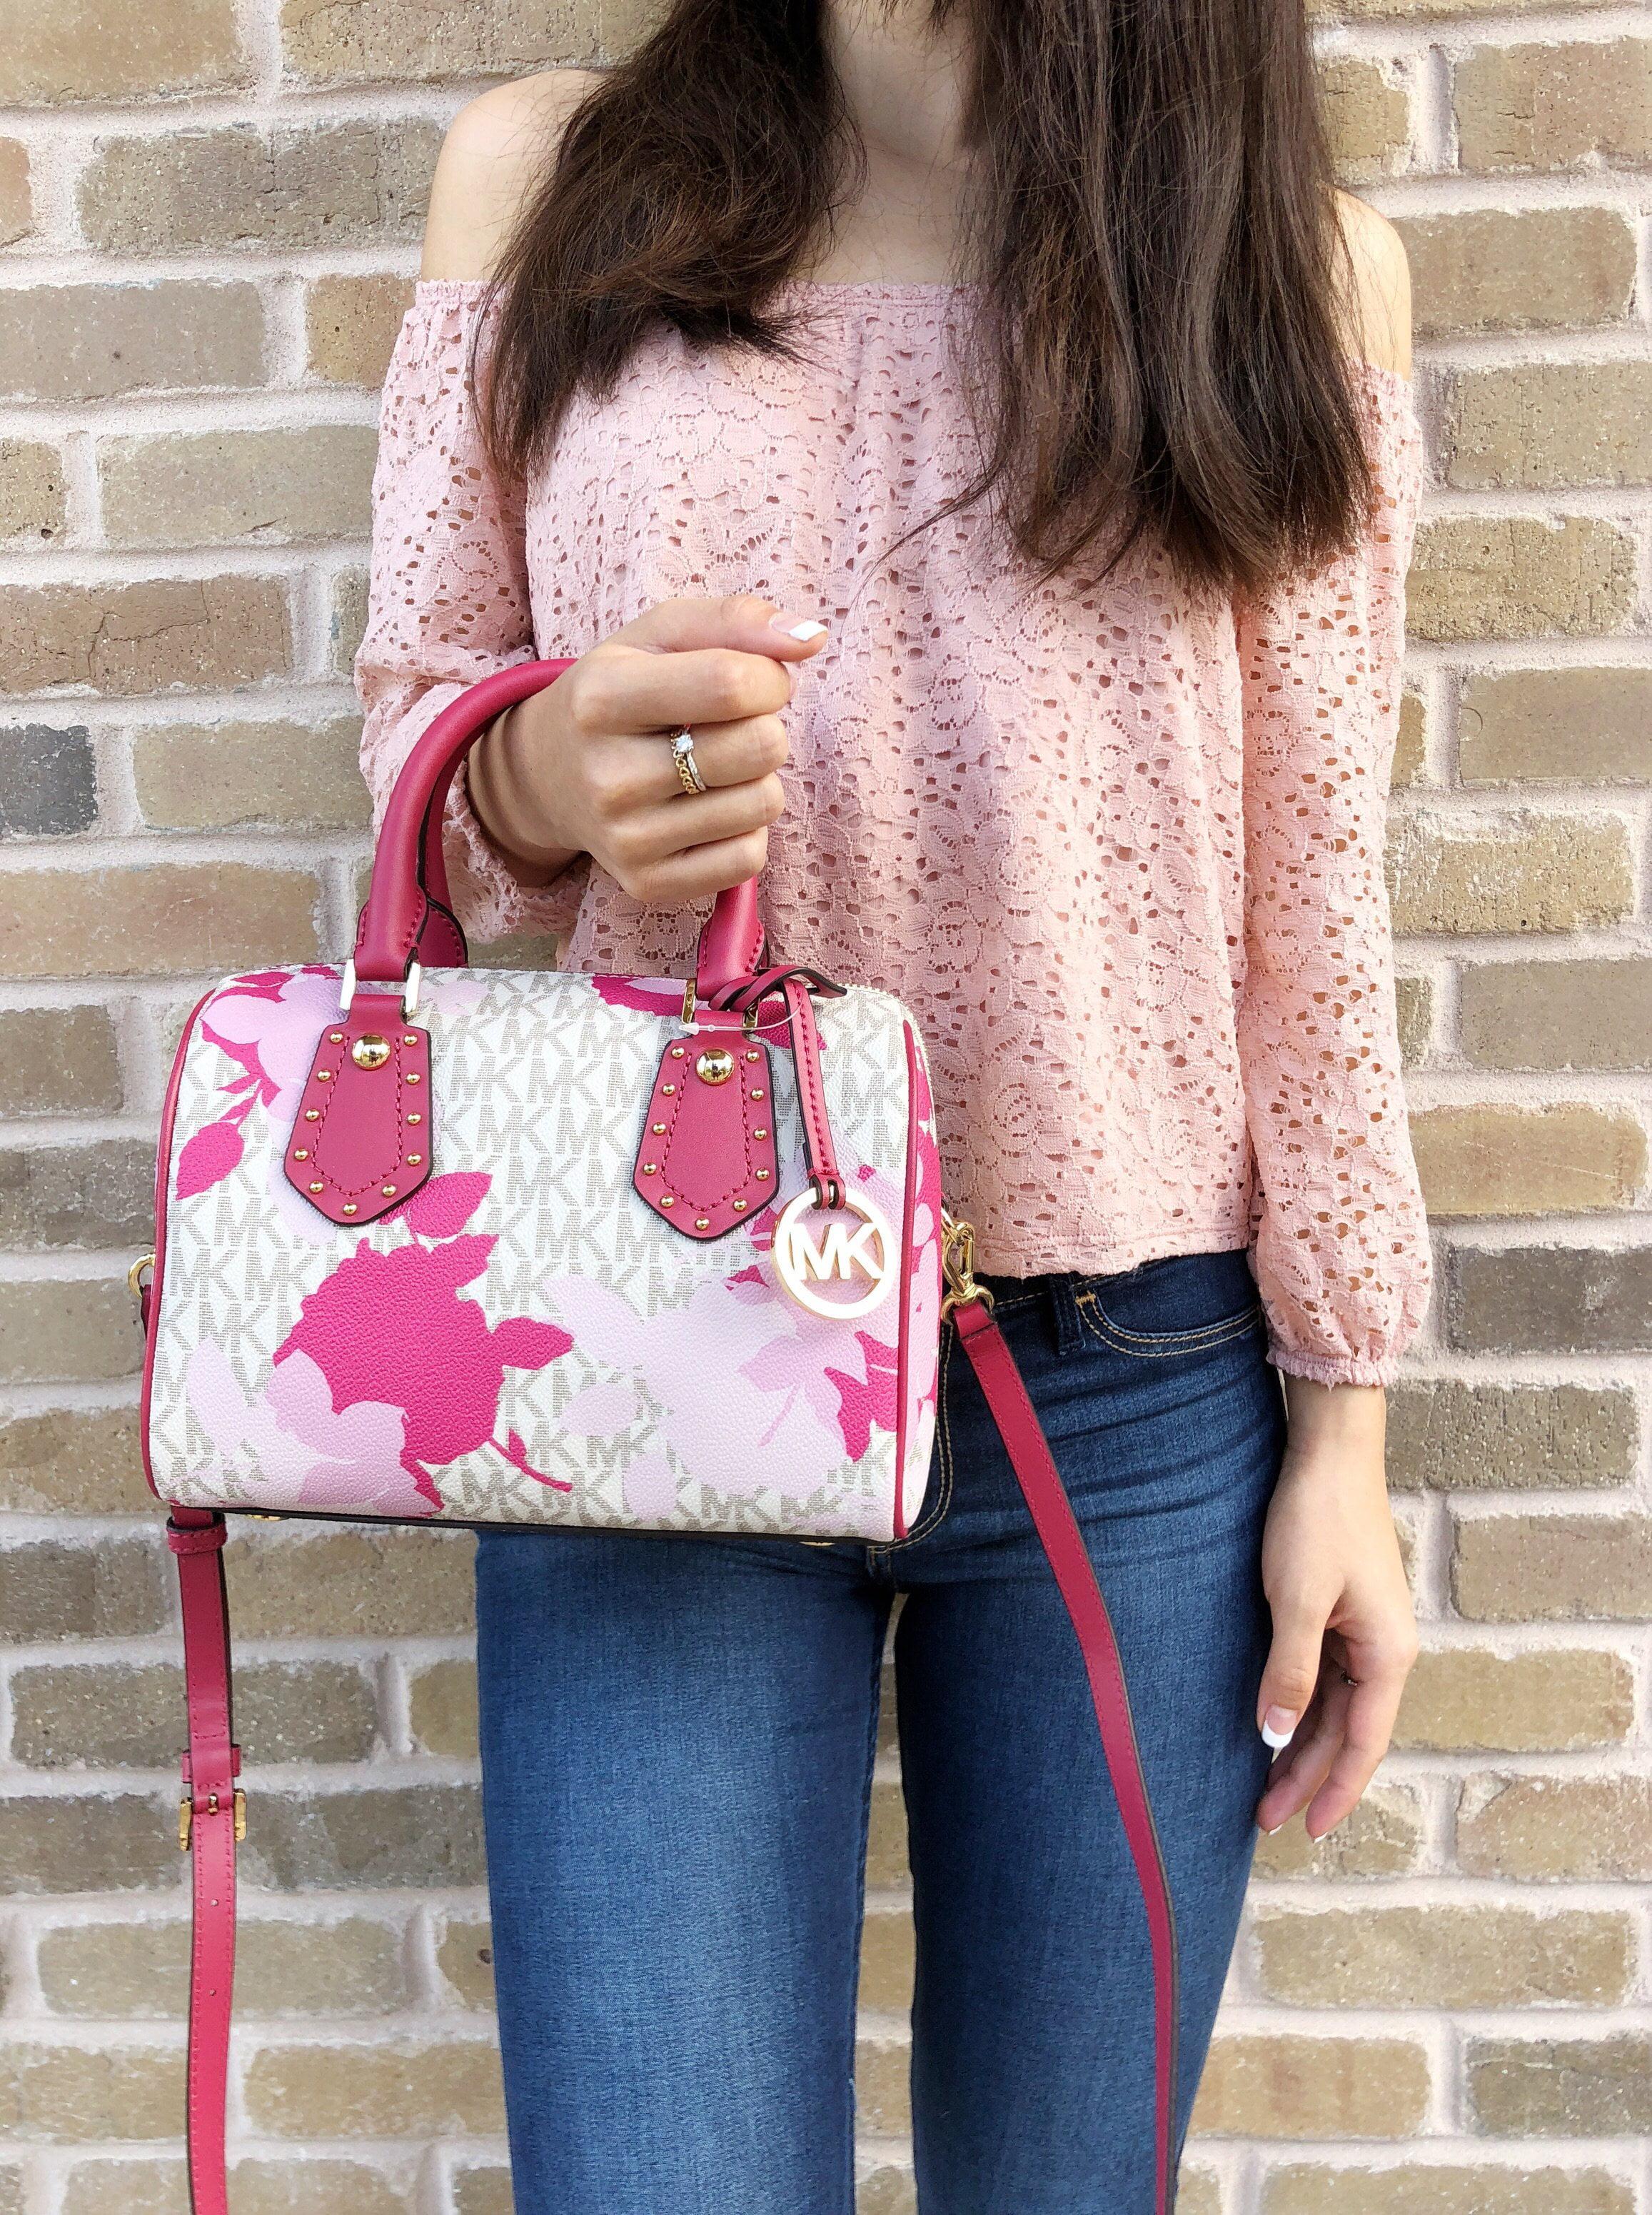 70cf4e321eaa Michael Kors - NWT Michael Kors Aria Small Top Zip Satchel Crossbody Vanilla  MK Pink Floral - Walmart.com